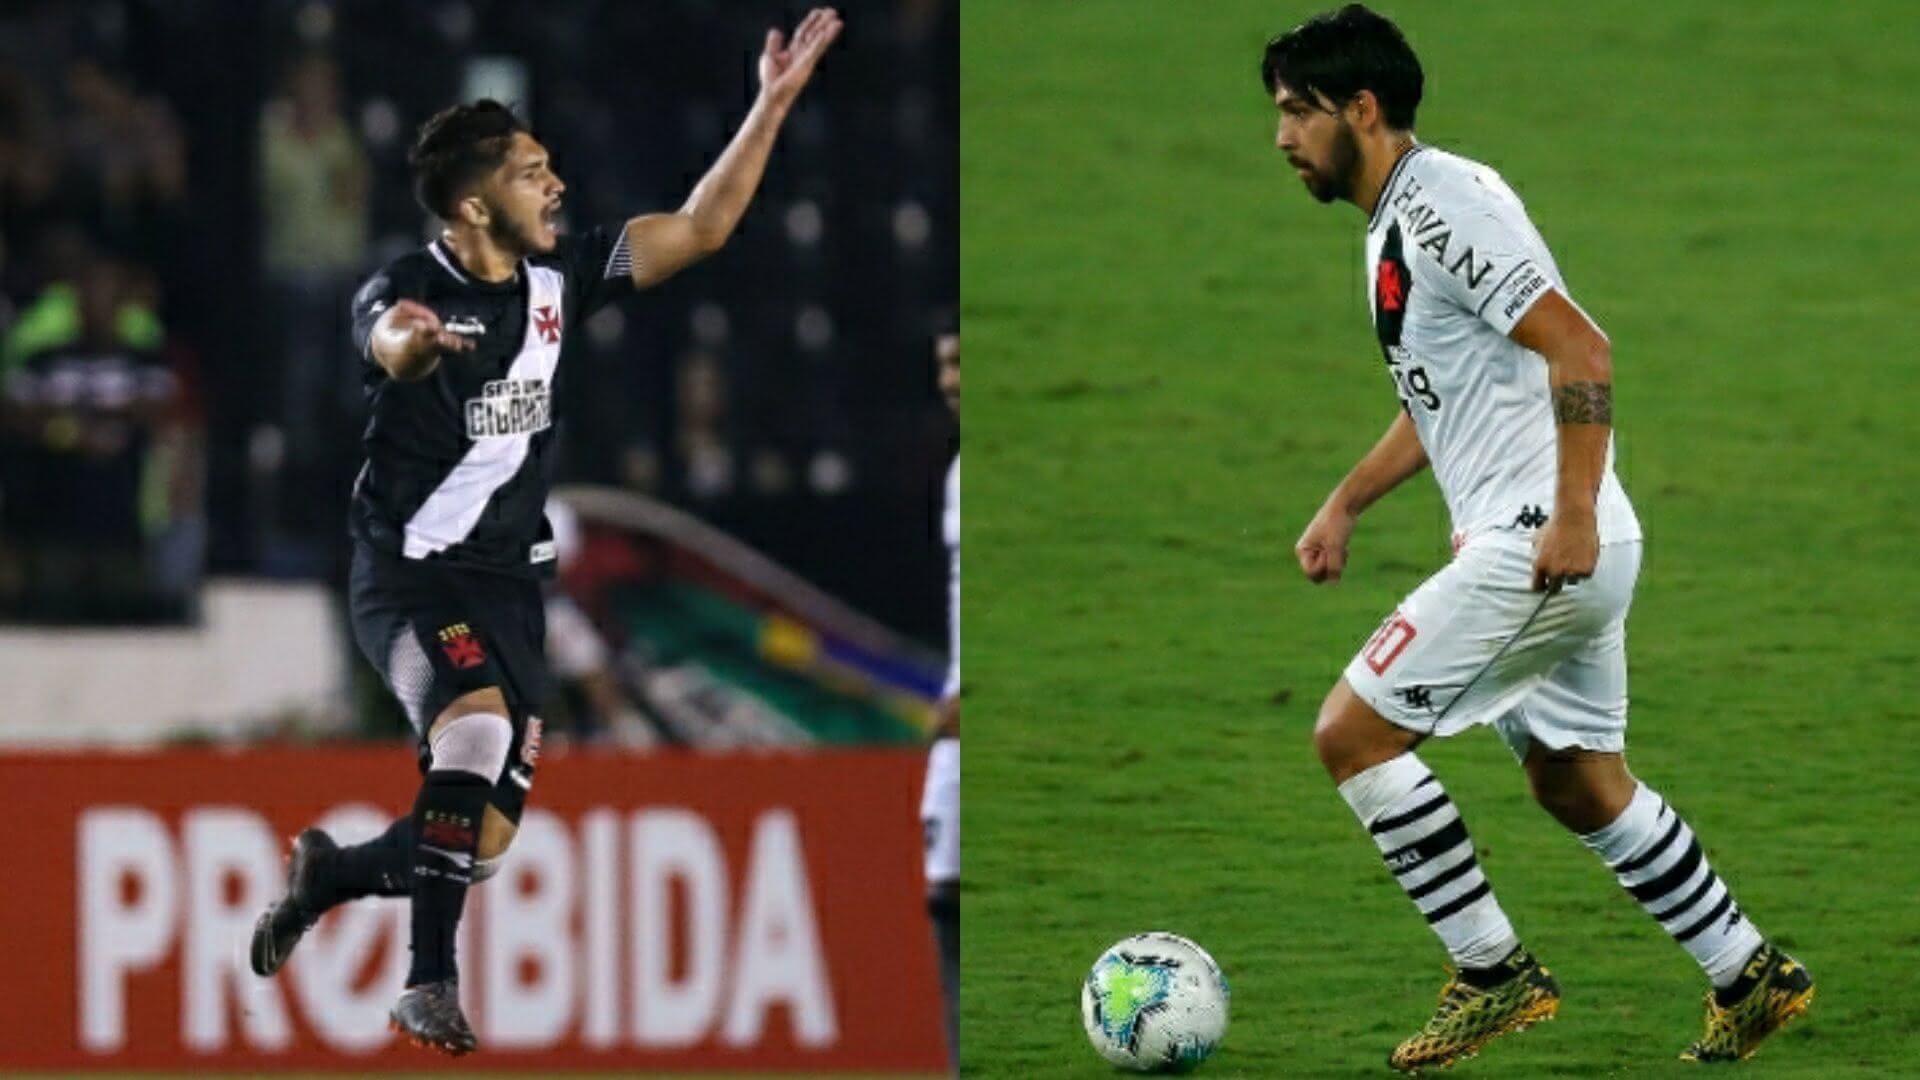 Andrey e Benítez jogando pelo Vasco